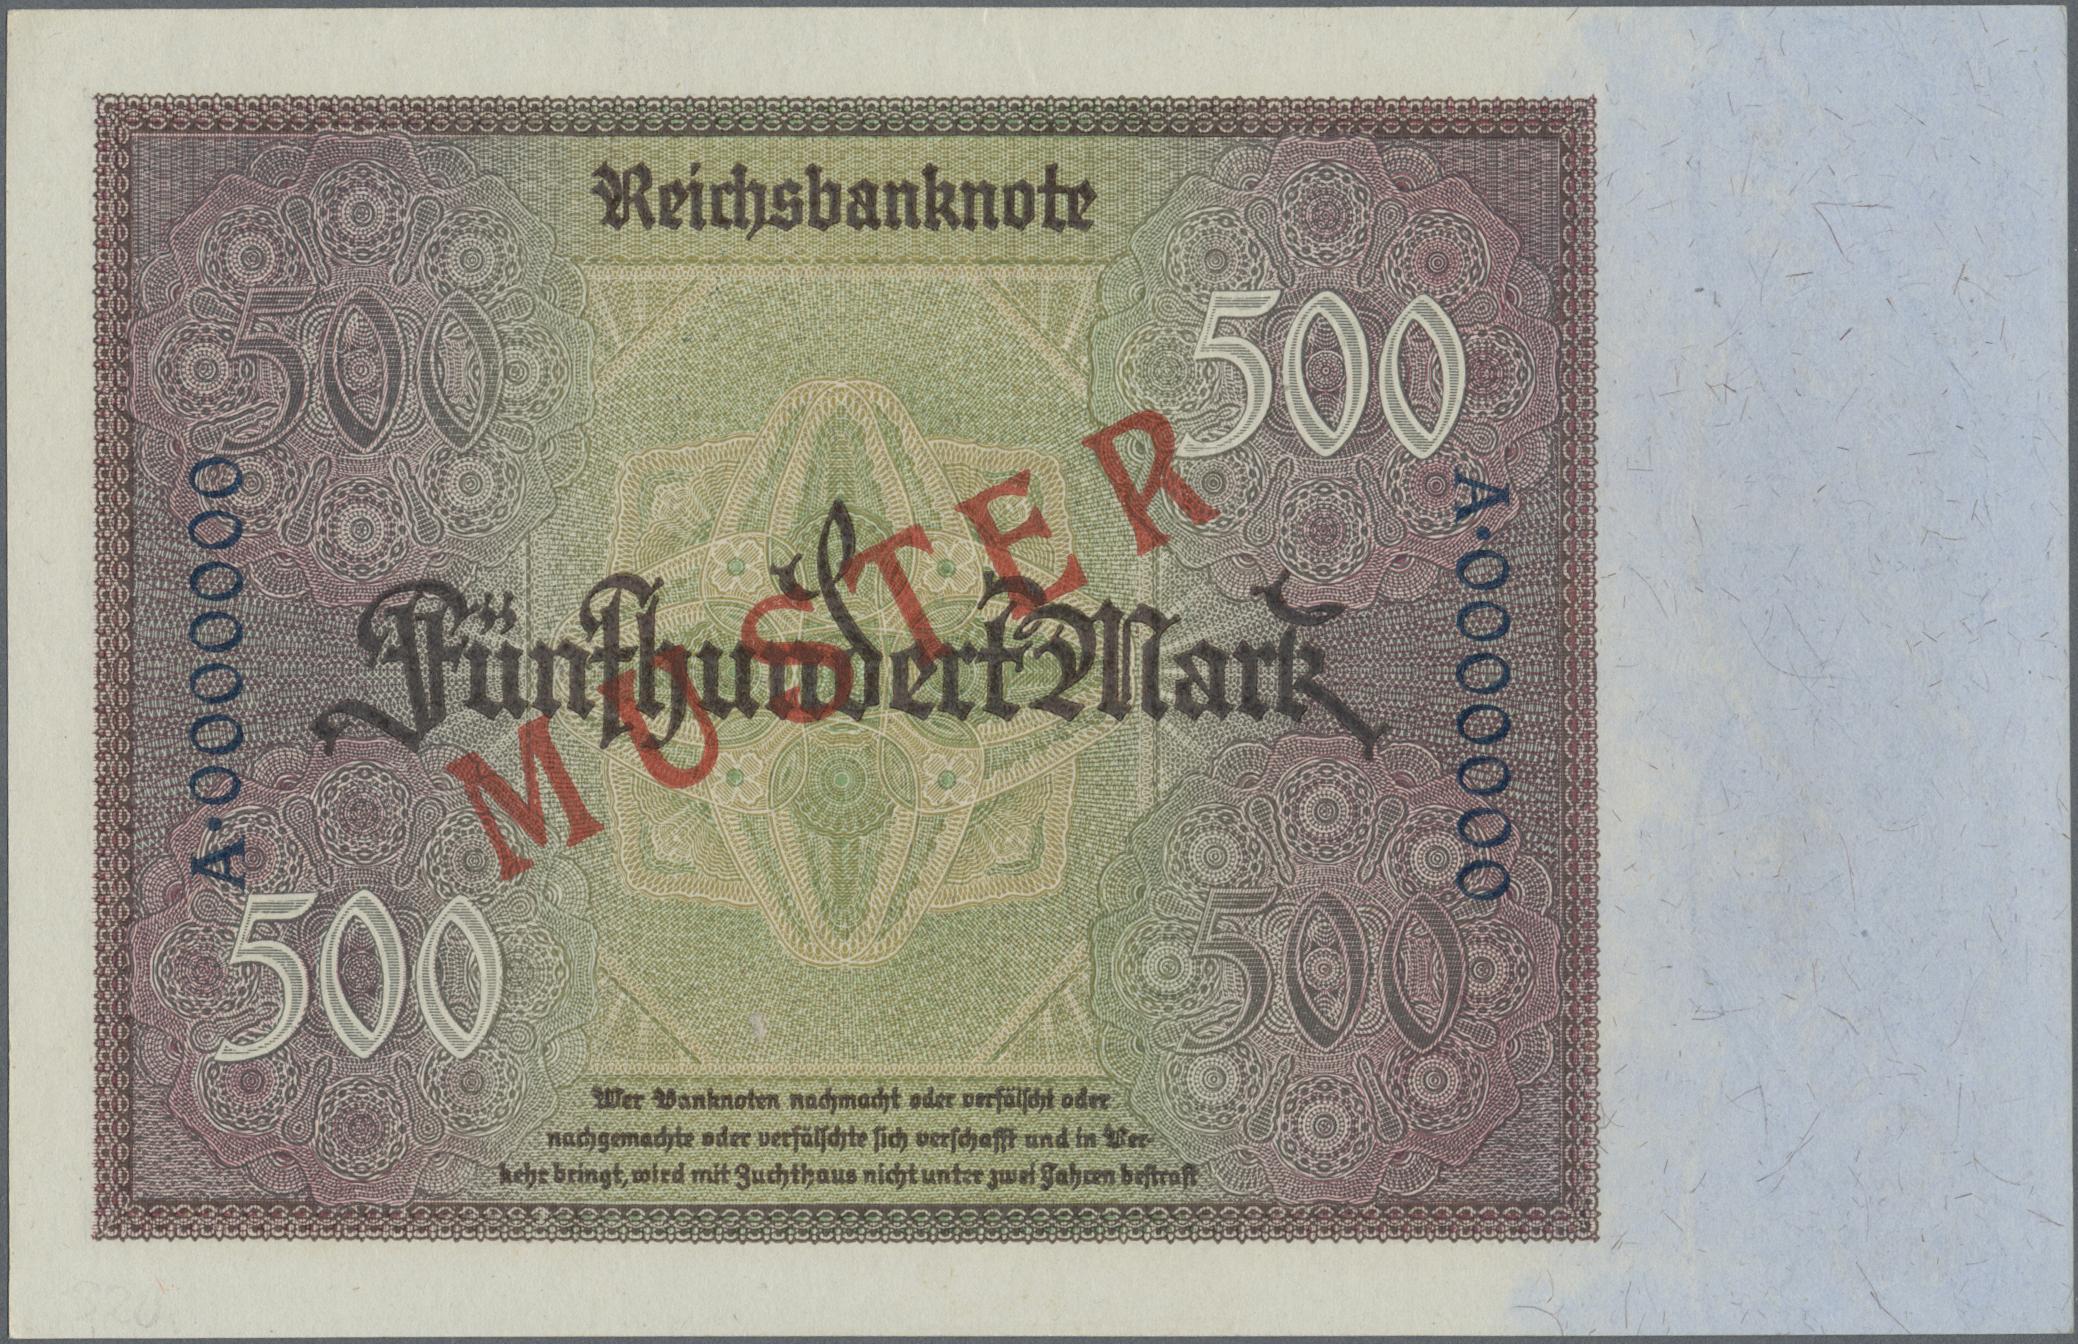 Lot 03328 - Deutschland - Deutsches Reich bis 1945 | Banknoten  -  Auktionshaus Christoph Gärtner GmbH & Co. KG Sale #45 Banknotes Germany/Numismatics